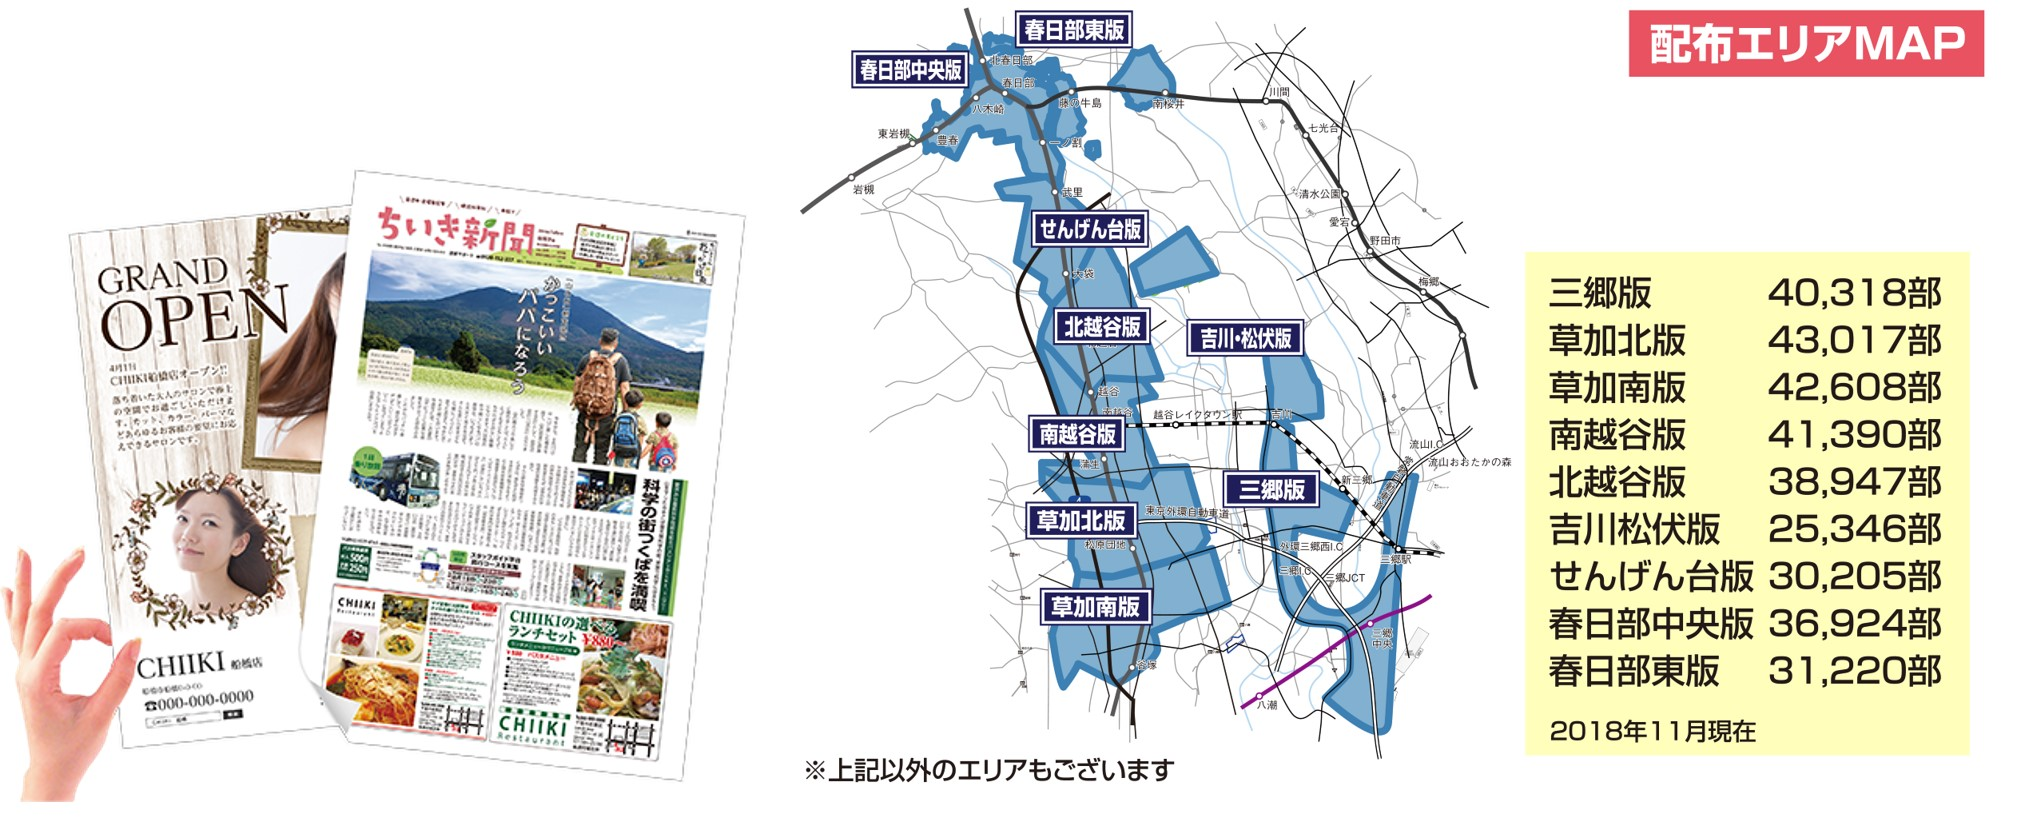 【草加市 ポスティングエリアMAP・部数一覧】